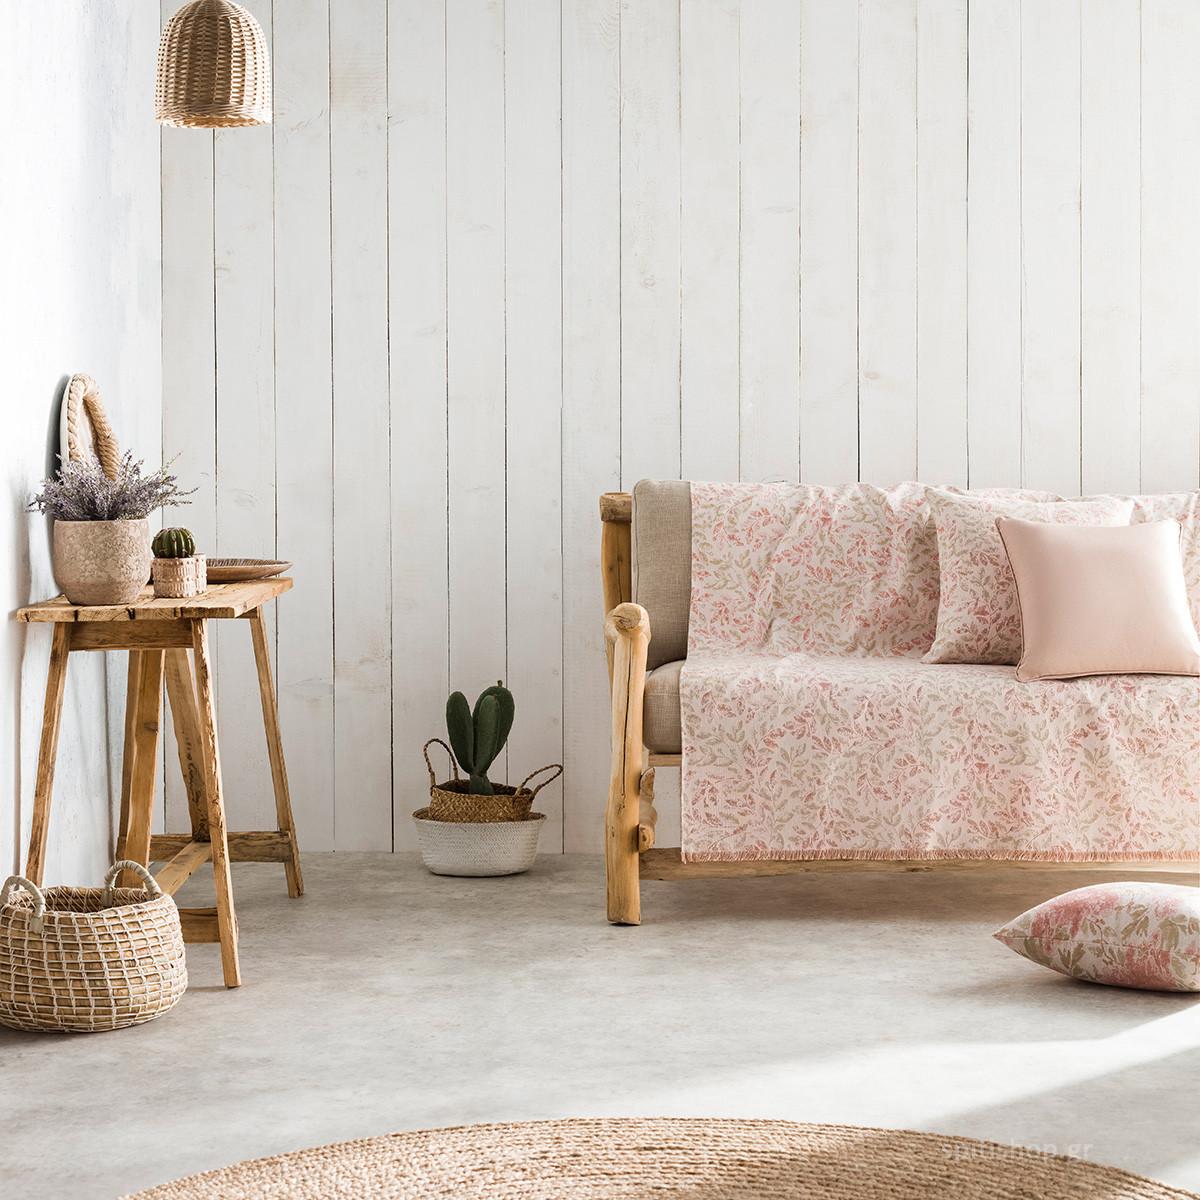 Ριχτάρι Πολυθρόνας (180×180) Gofis Home Delicate Pink 904/03